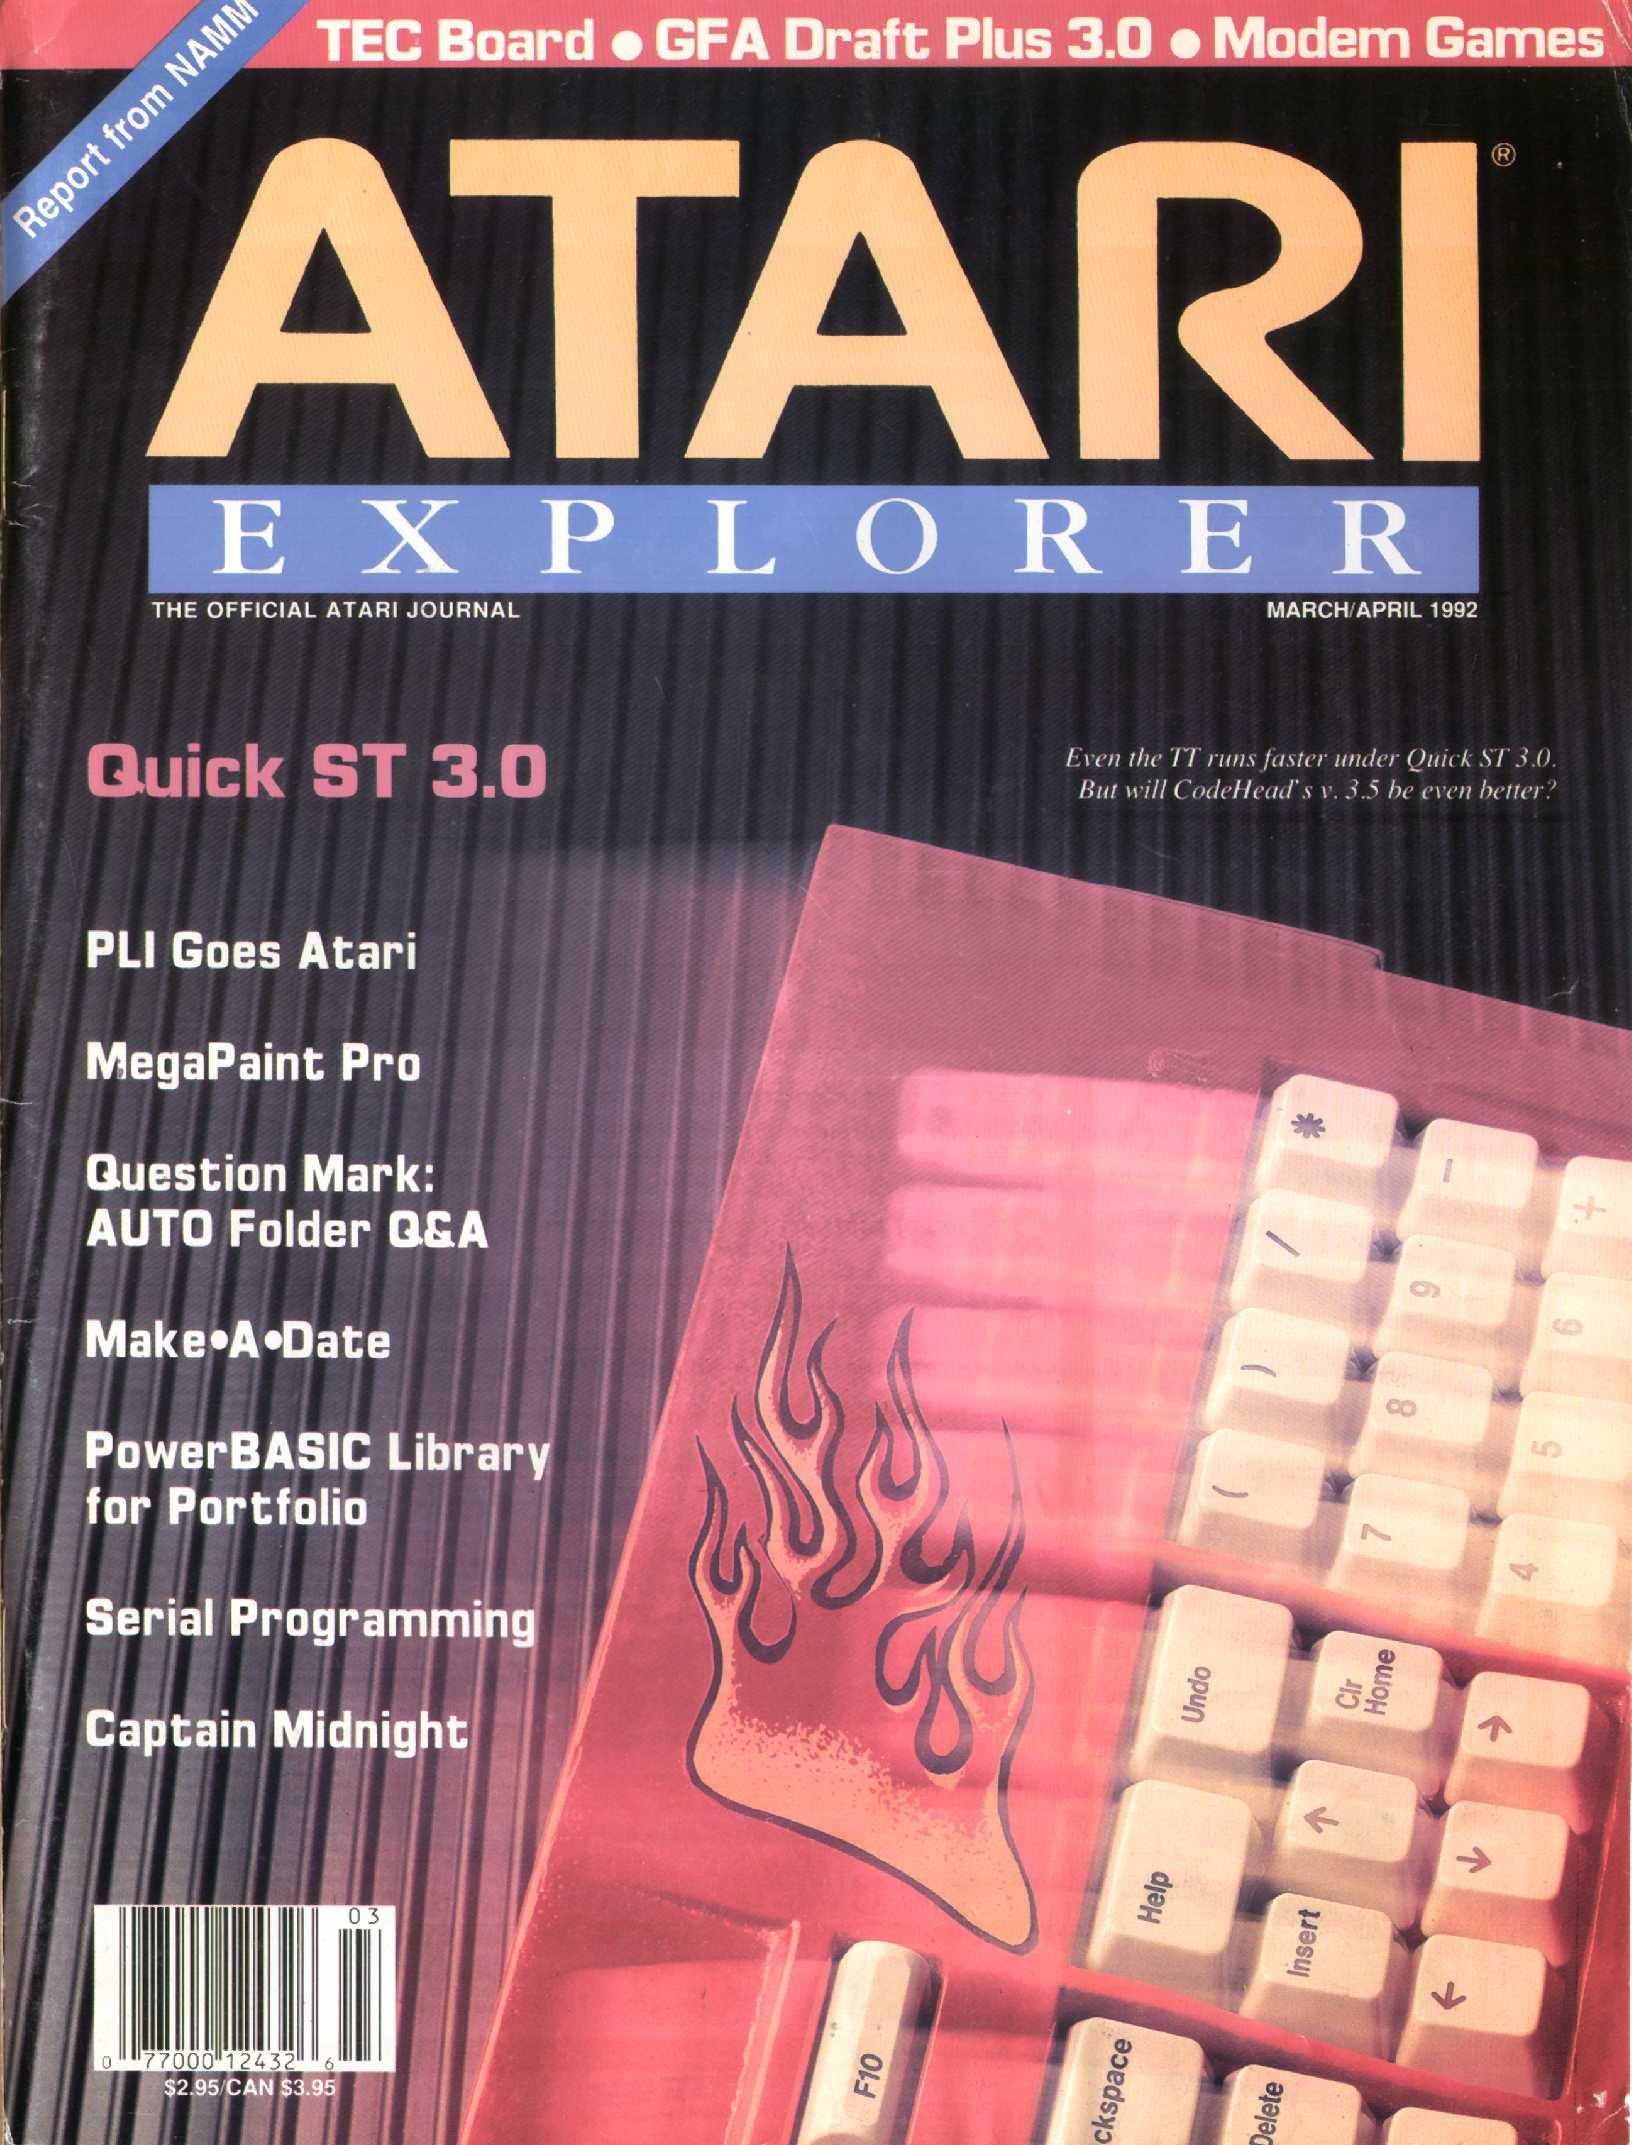 Atari Explorer Issue 32 (March / April 1992)